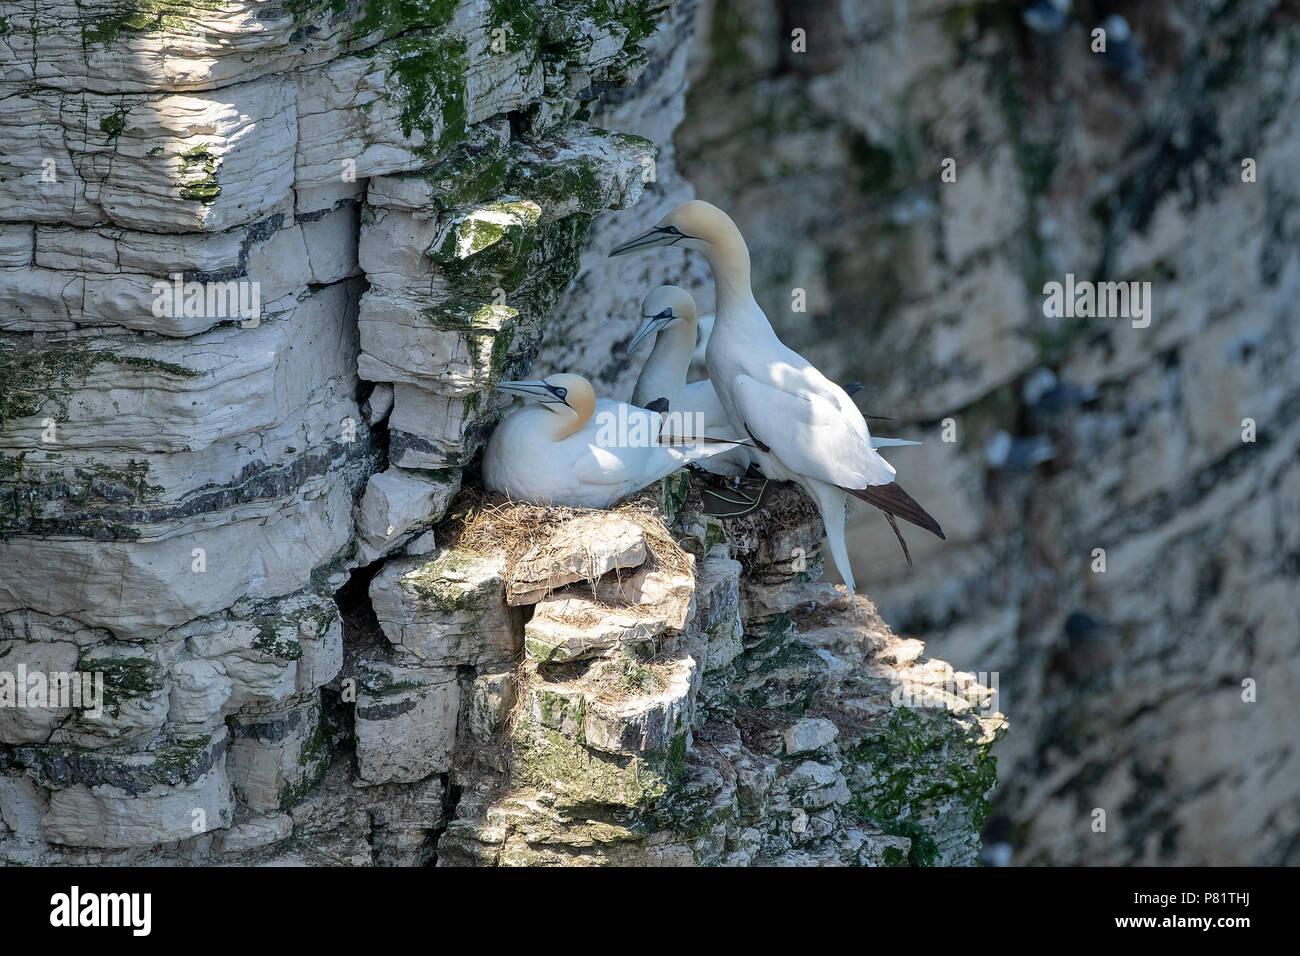 Gannets on cliff edge nesting - Stock Image